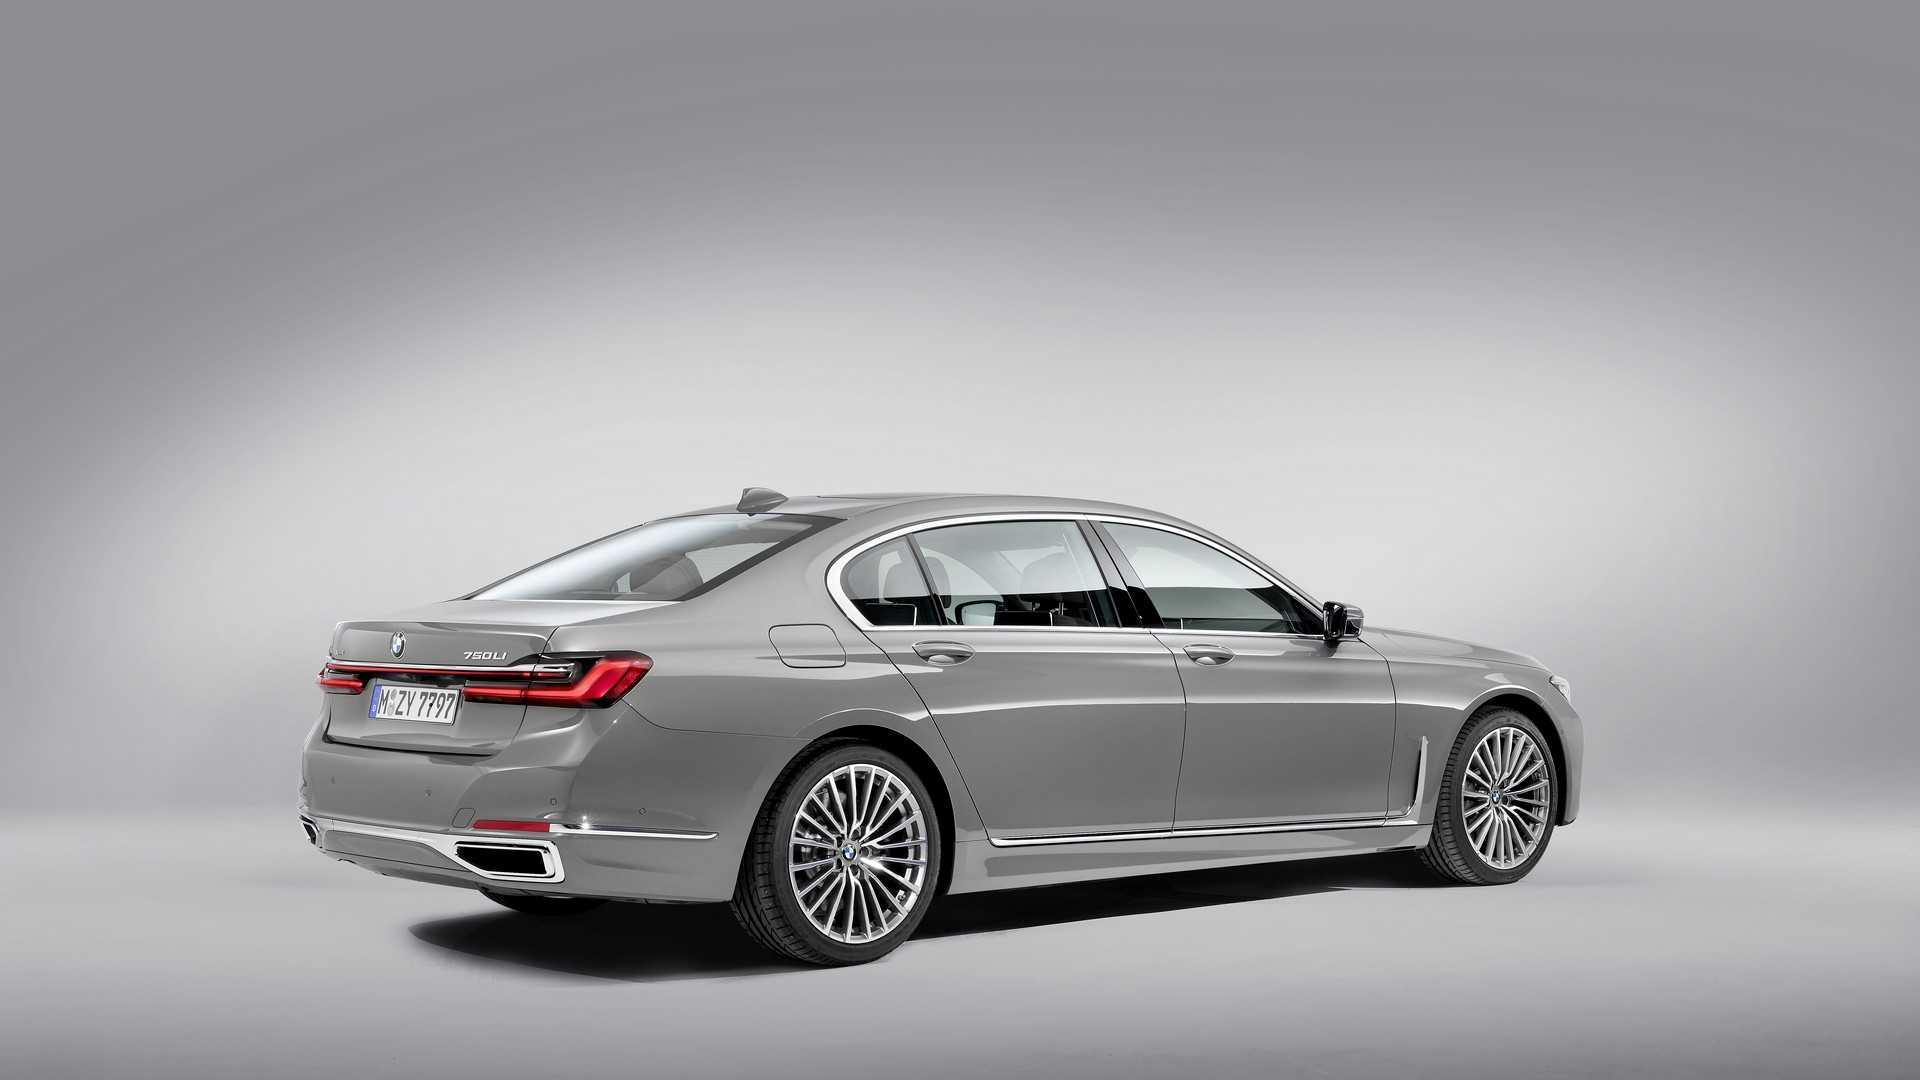 BMW 7 Series thế hệ mới sẽ có thêm bản chạy điện hoàn toàn - 4